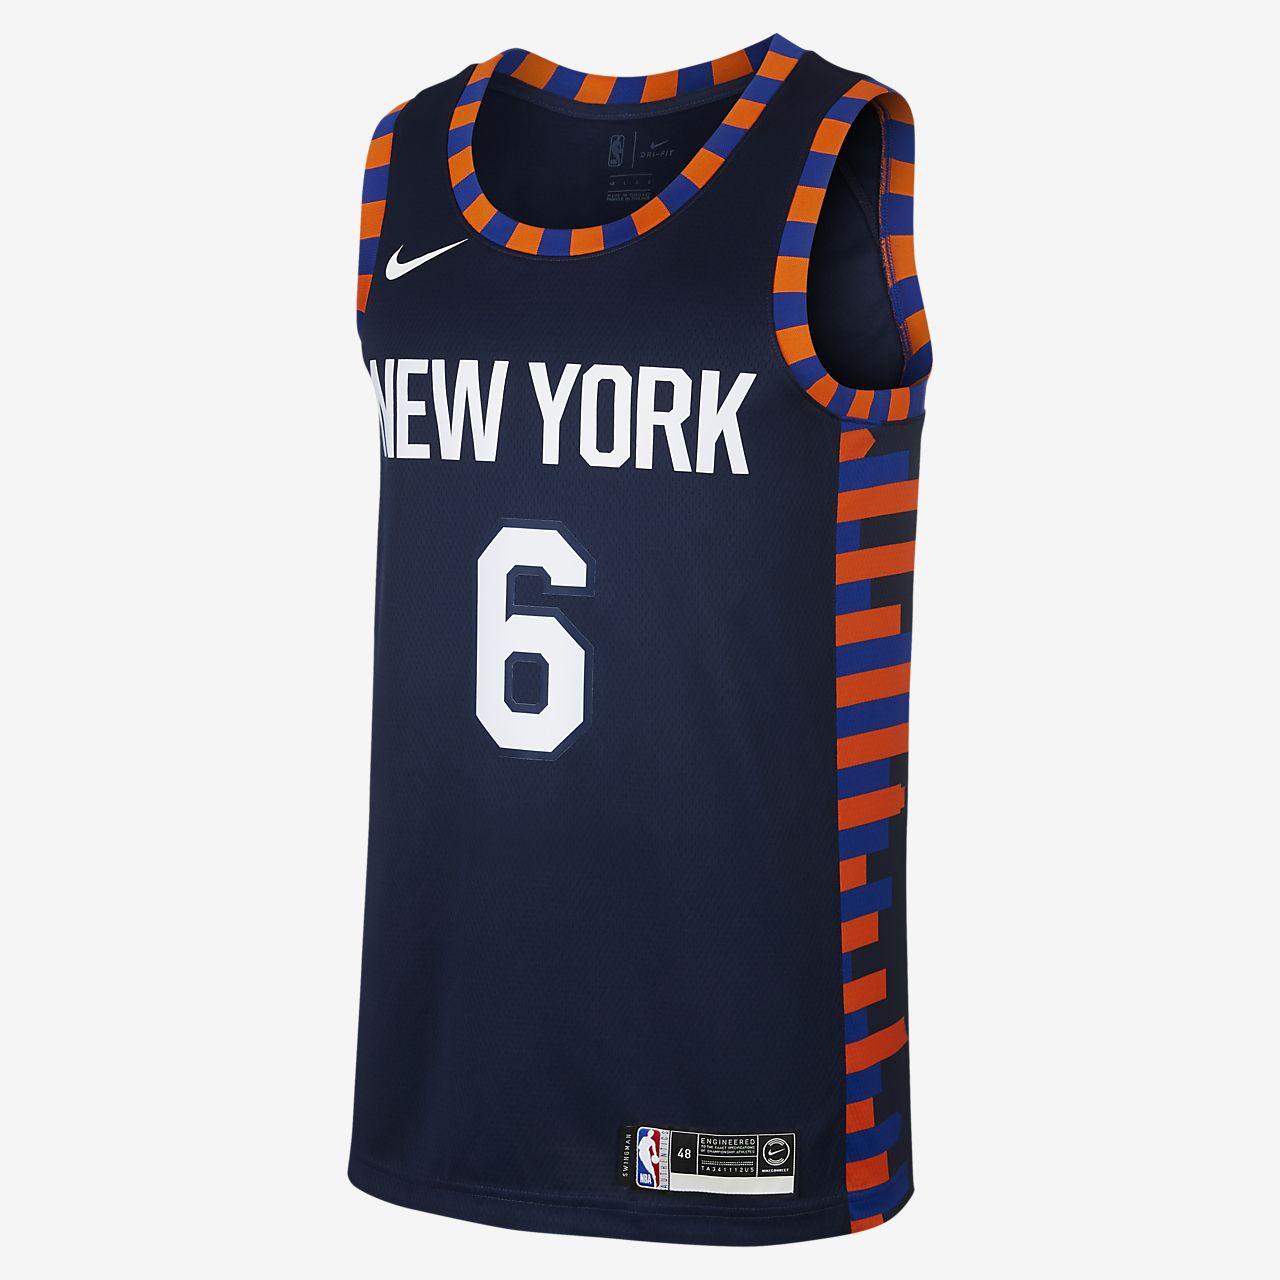 Camiseta conectada Nike NBA para hombre Kristaps Porzingis City Edition  Swingman (New York Knicks) da31e83b858b3